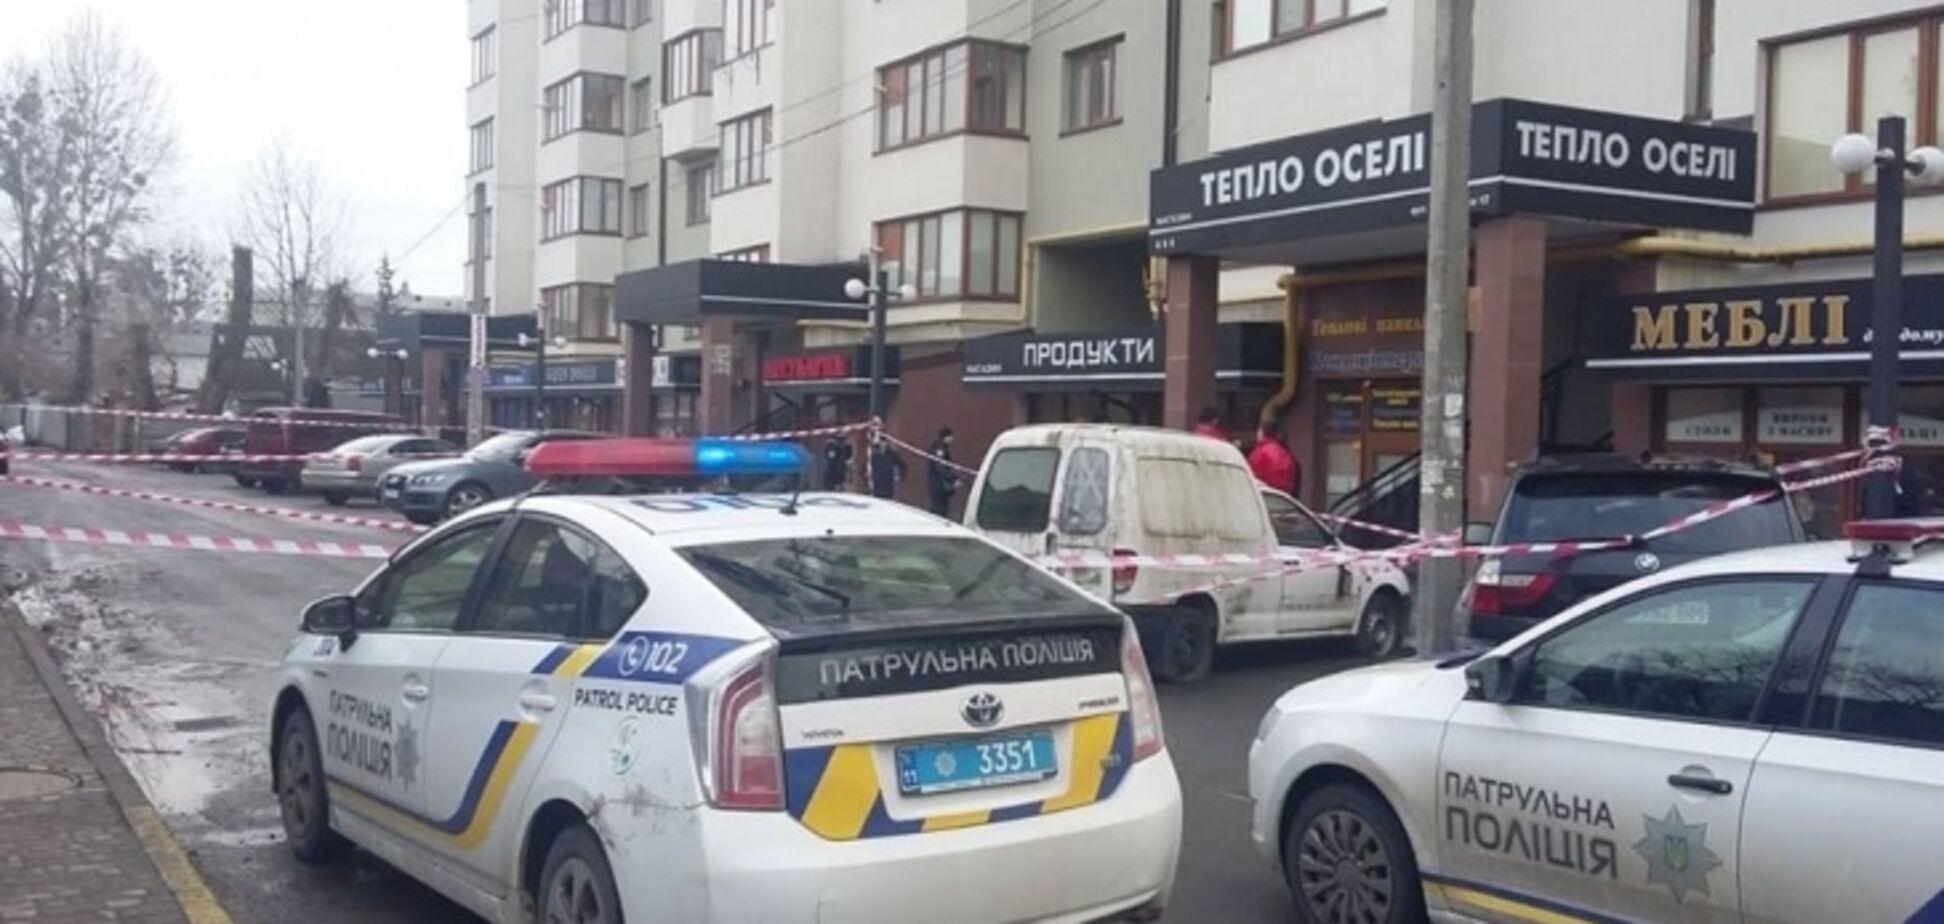 У центрі Івано-Франківська розстріляли кримінального авторитета: фото і відео